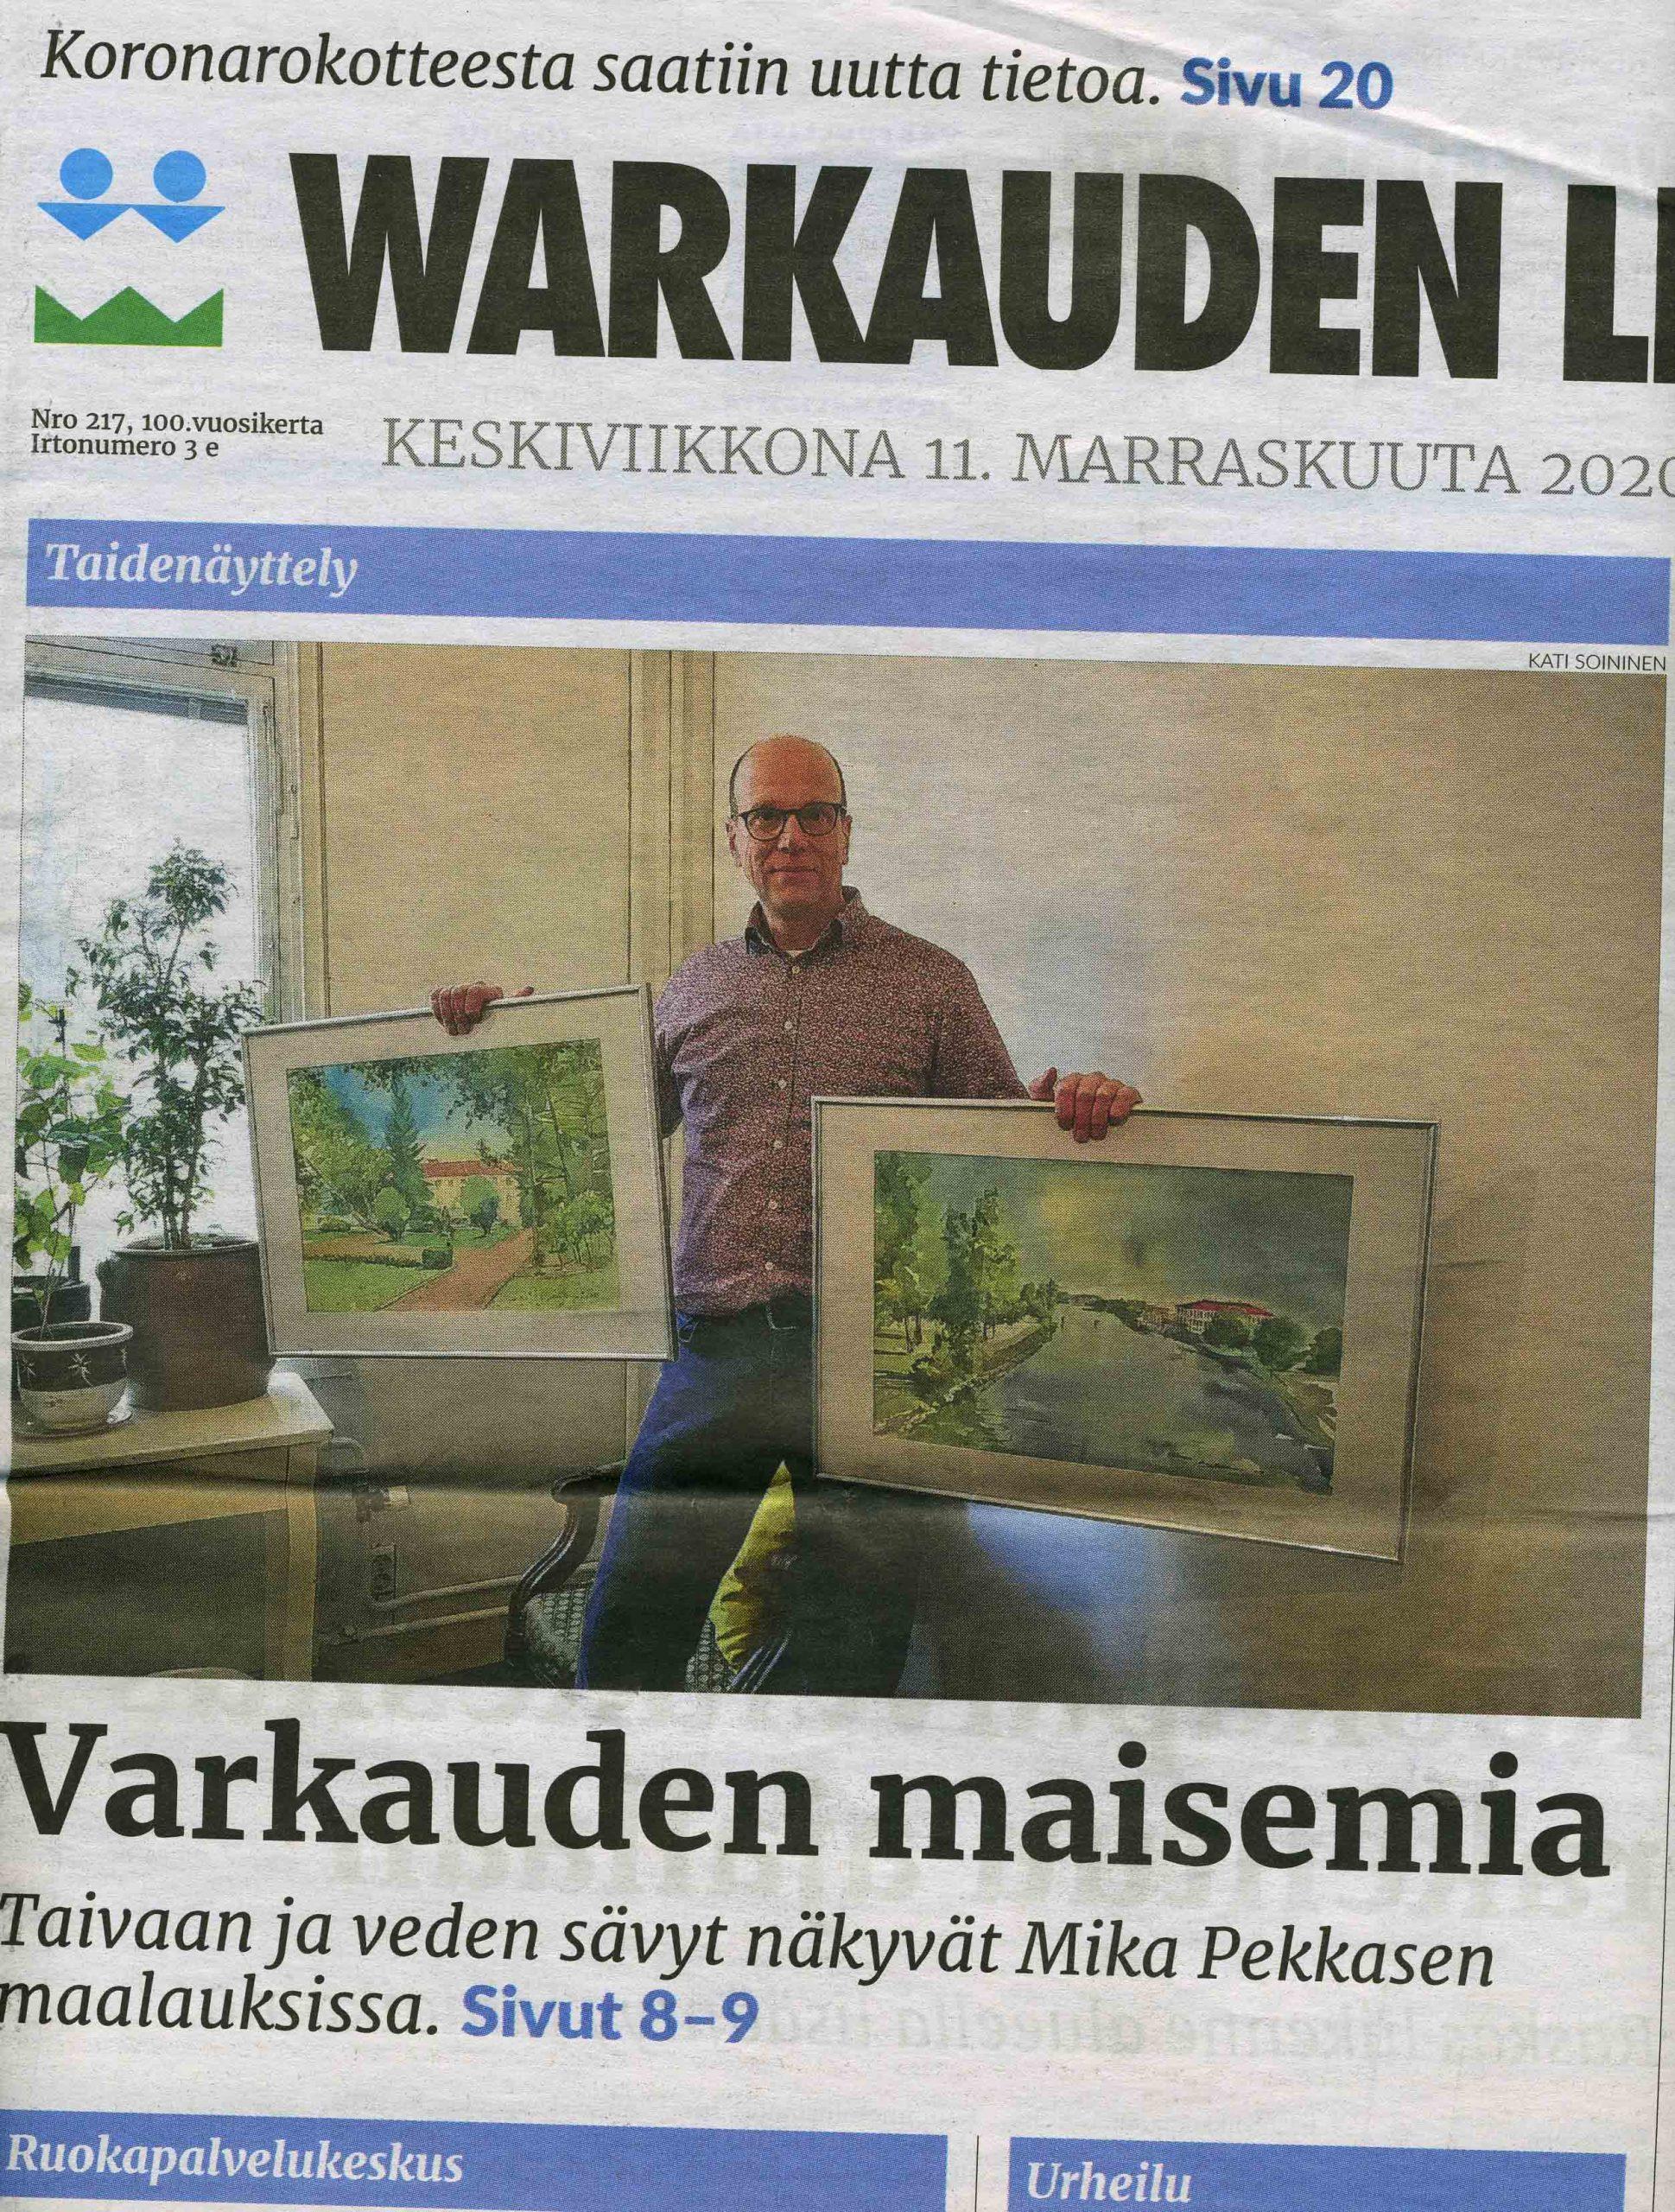 Warkauden lehti Mika Pekkanen Keskuskonttorilla (teksti ja kuvat Kati Soininen)